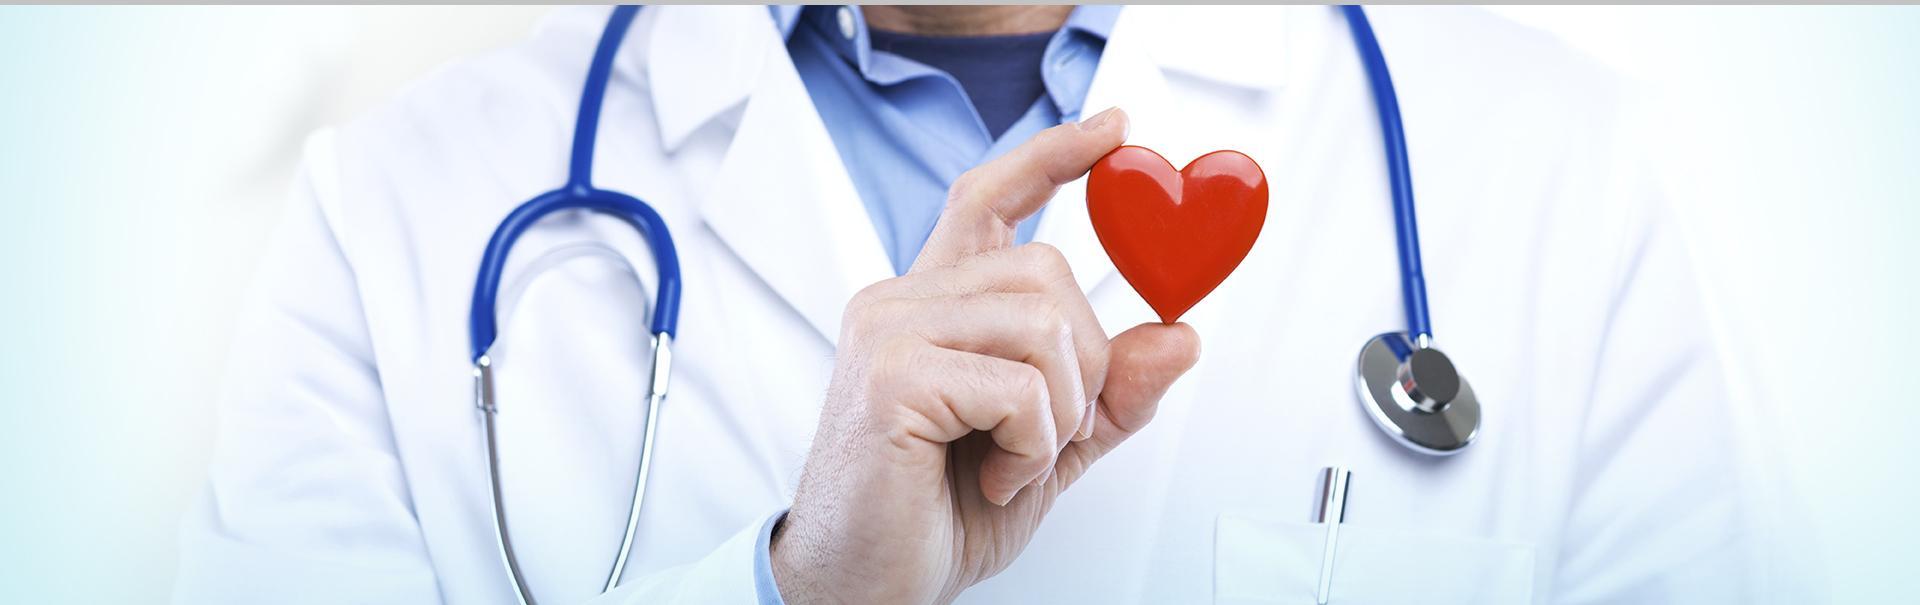 Assicurazione cardiologo Preventivo Online